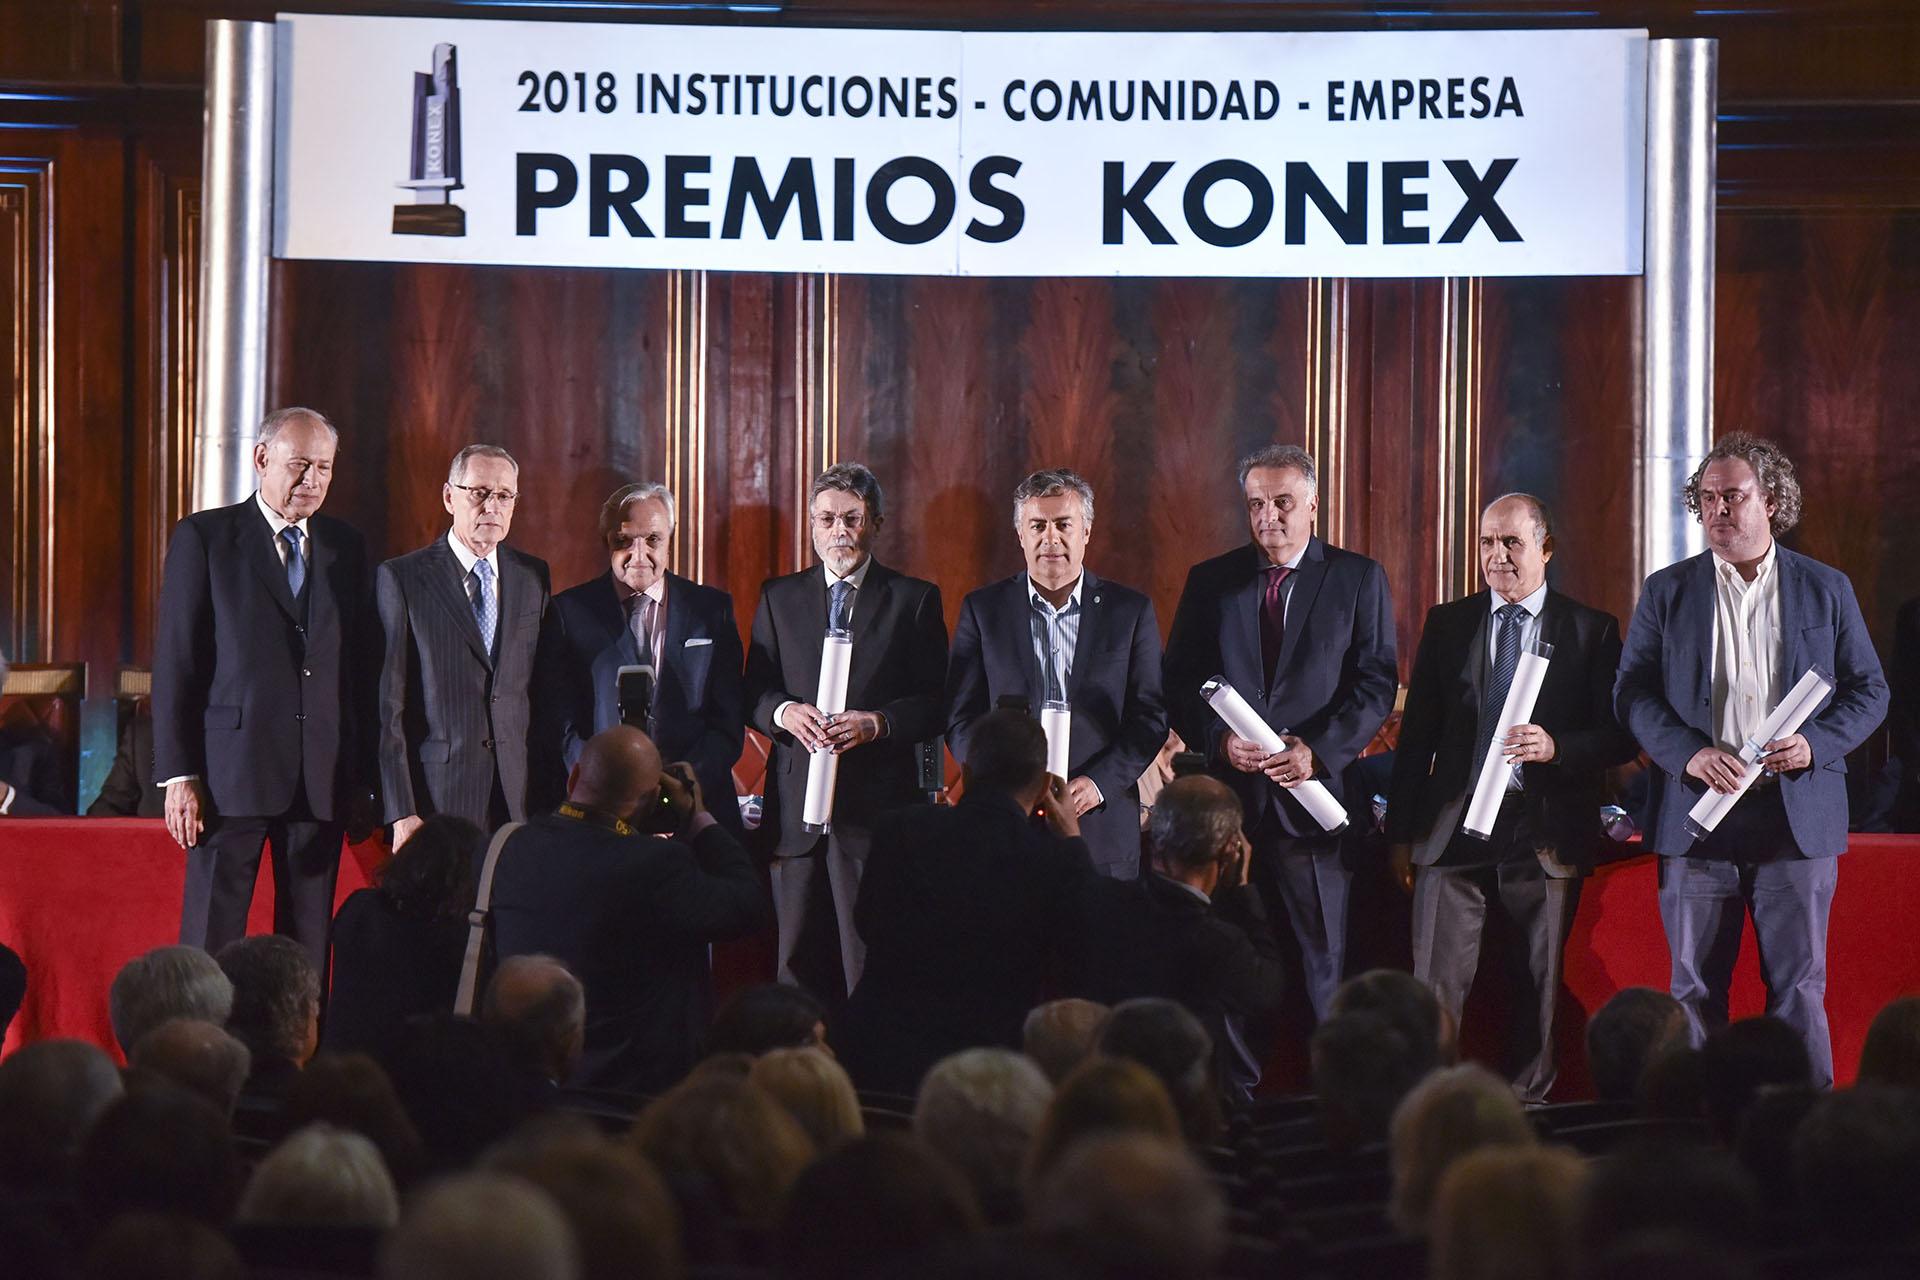 Administradores Públicos: Alberto Abad, Alfredo Cornejo, Alberto Crescenti, Horacio Rodríguez Larreta, María Eugenia Vidal y Alicia Oliveira (Post Mortem)